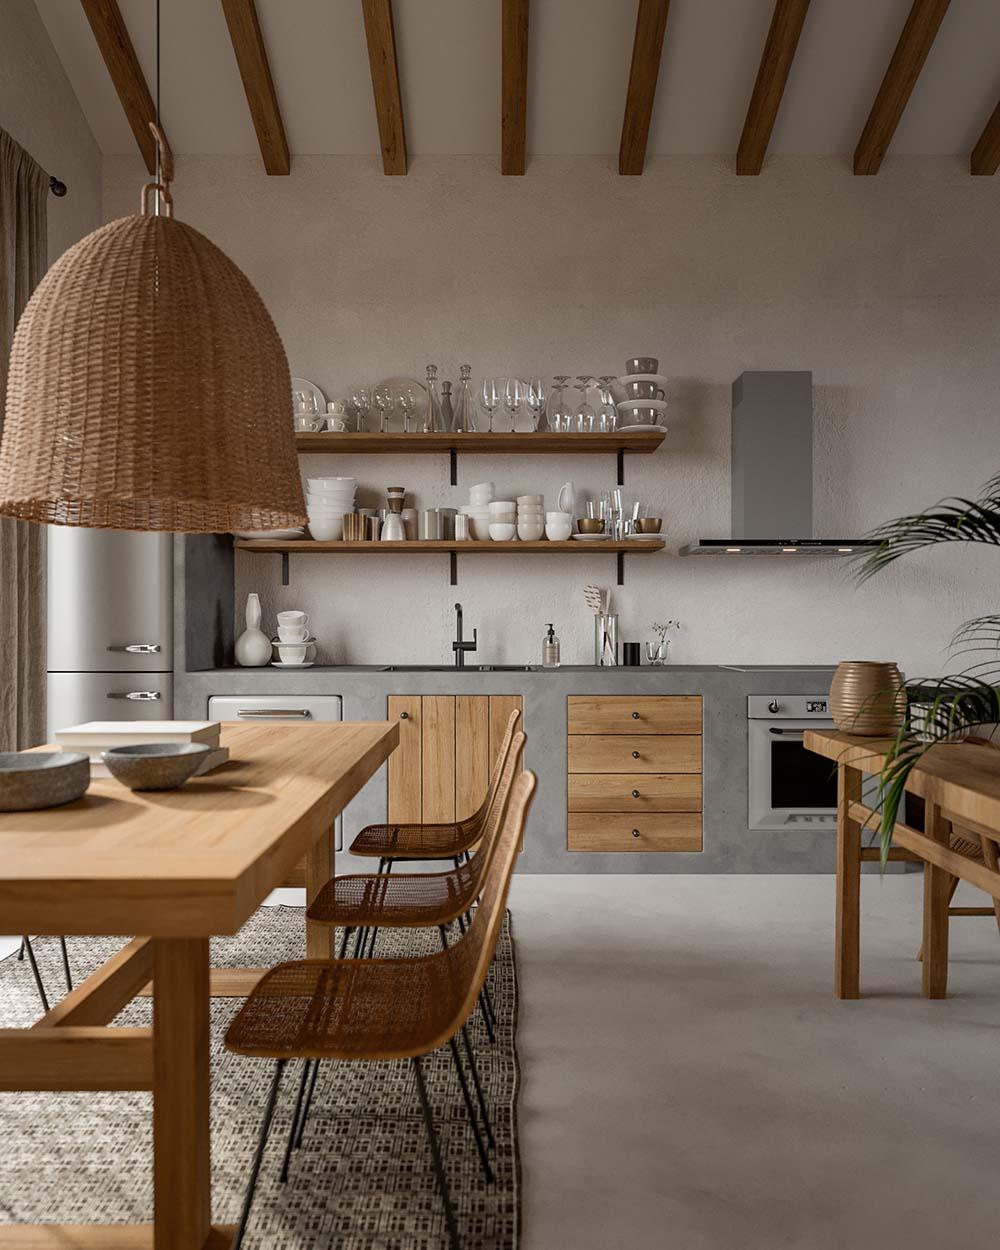 Bài trí căn bếp với nét đẹp thanh nhã và mộc mạc